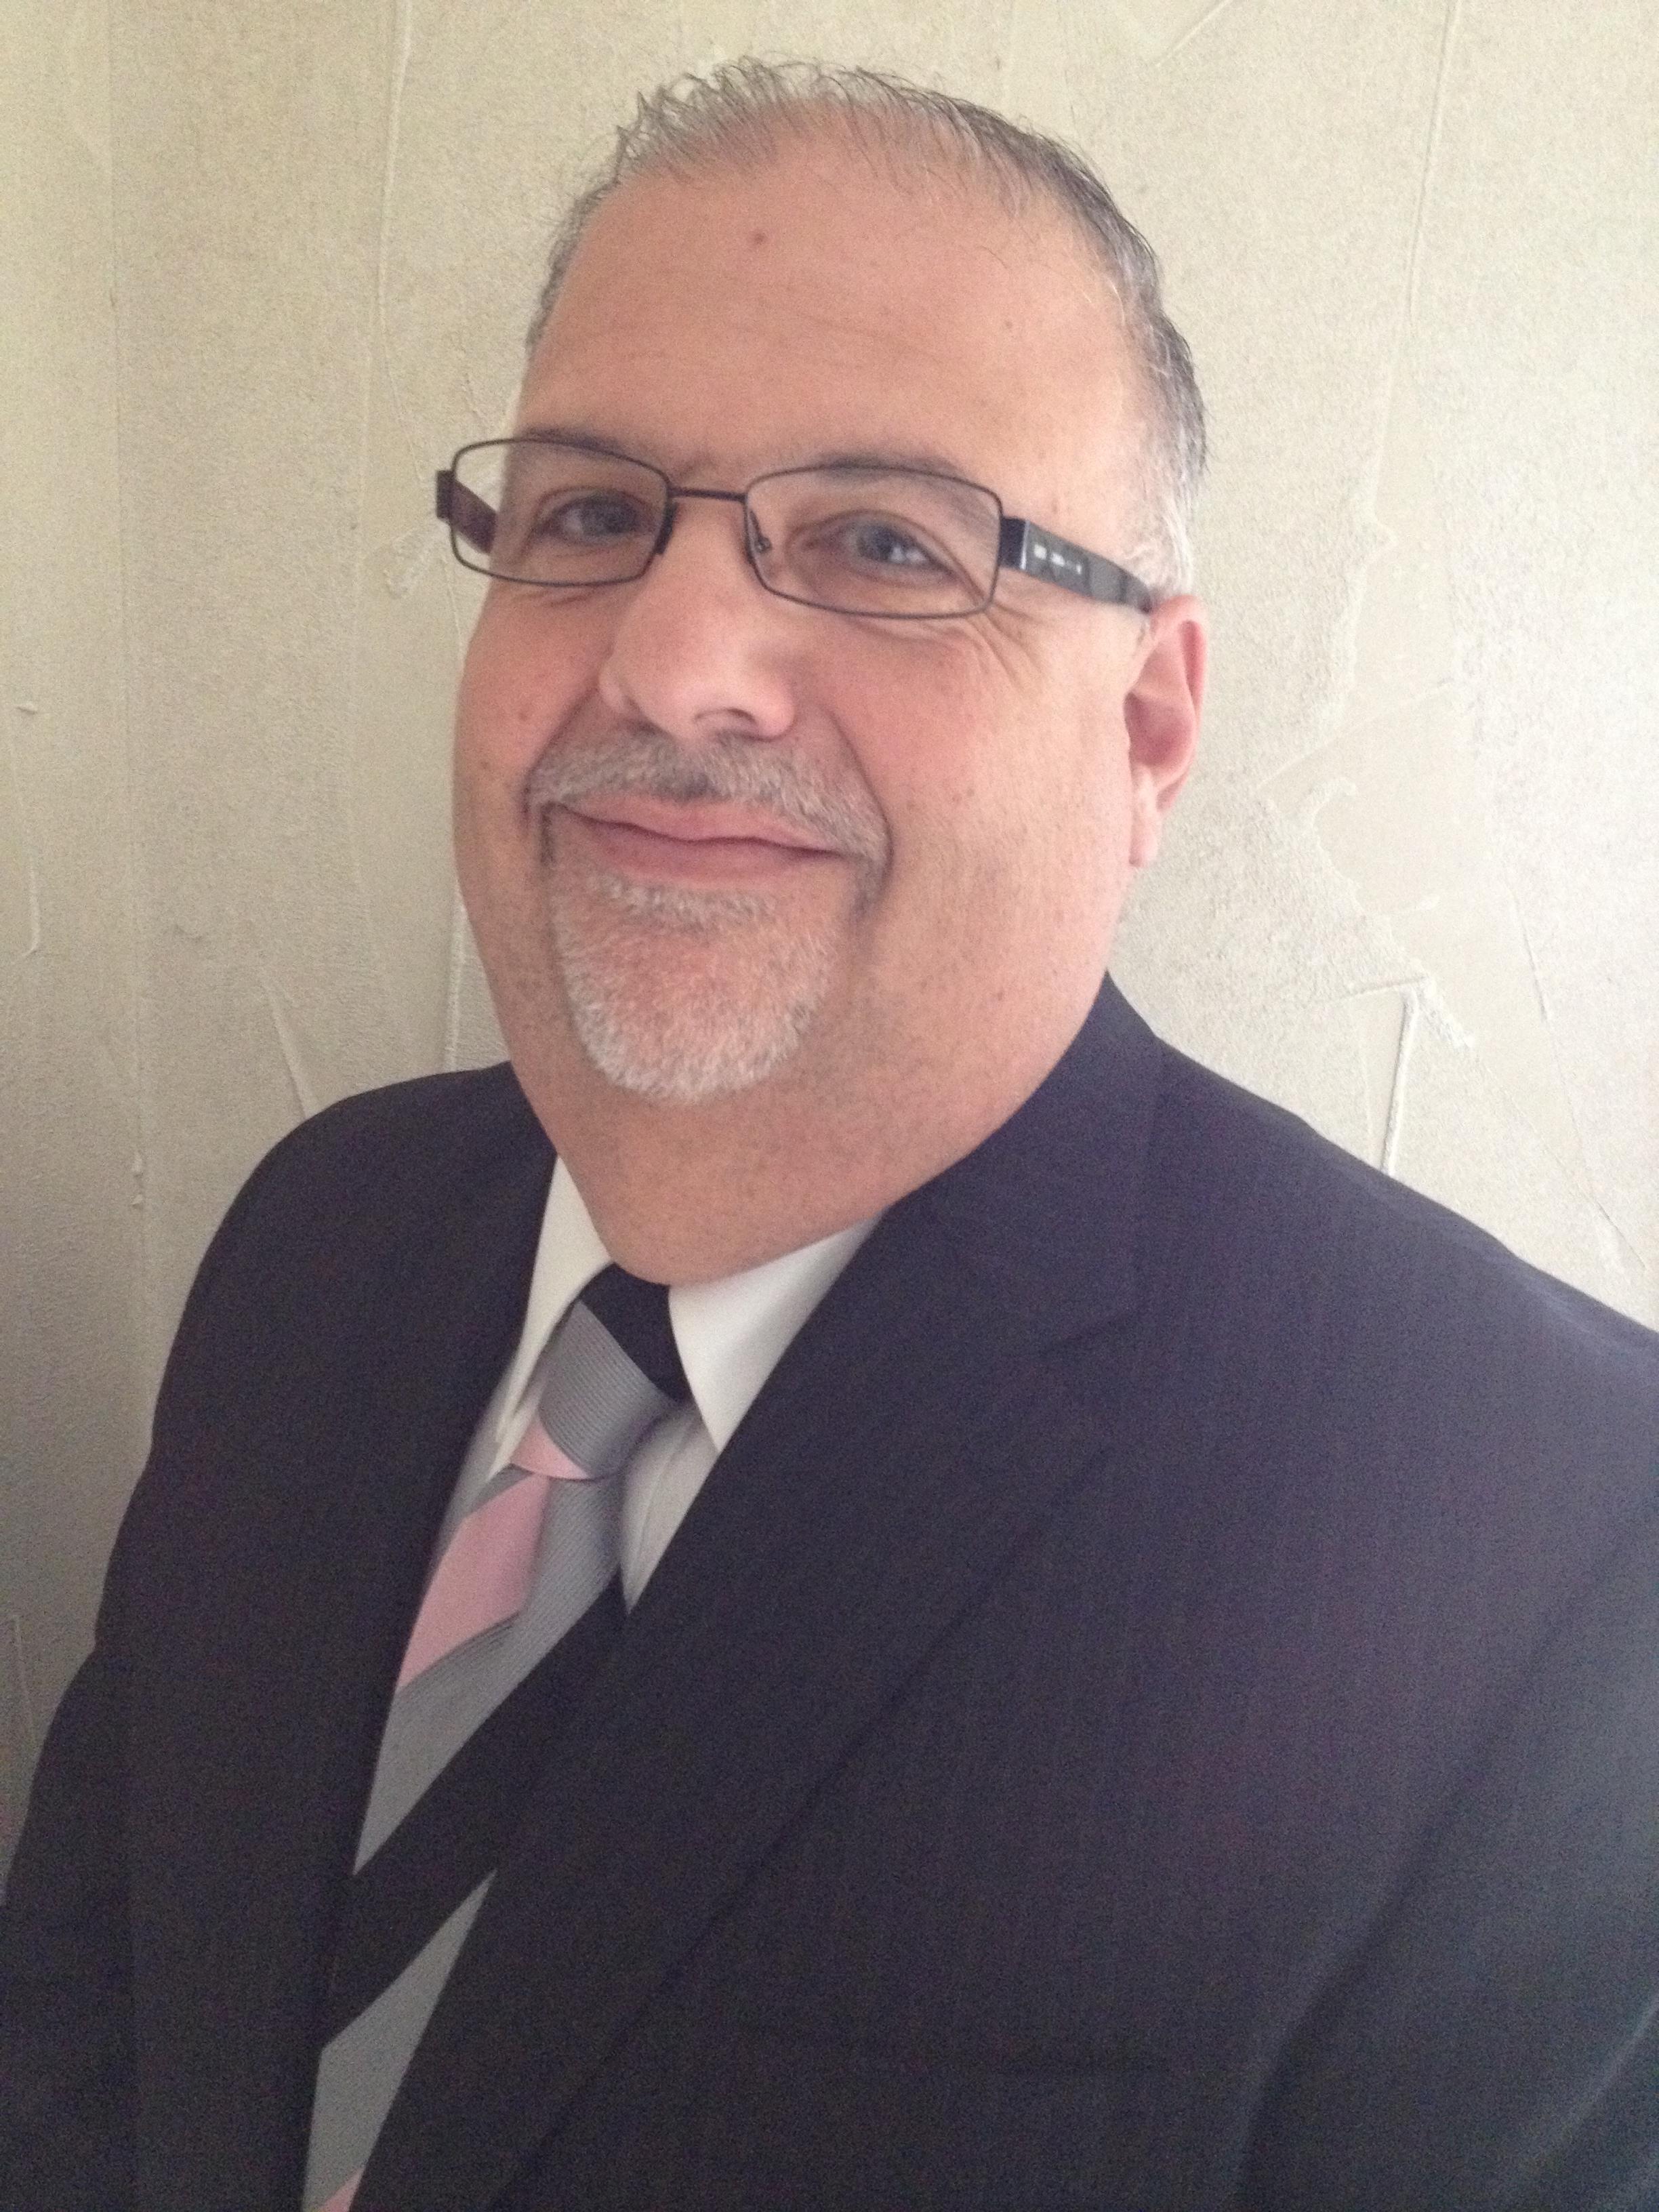 Michael Linderman